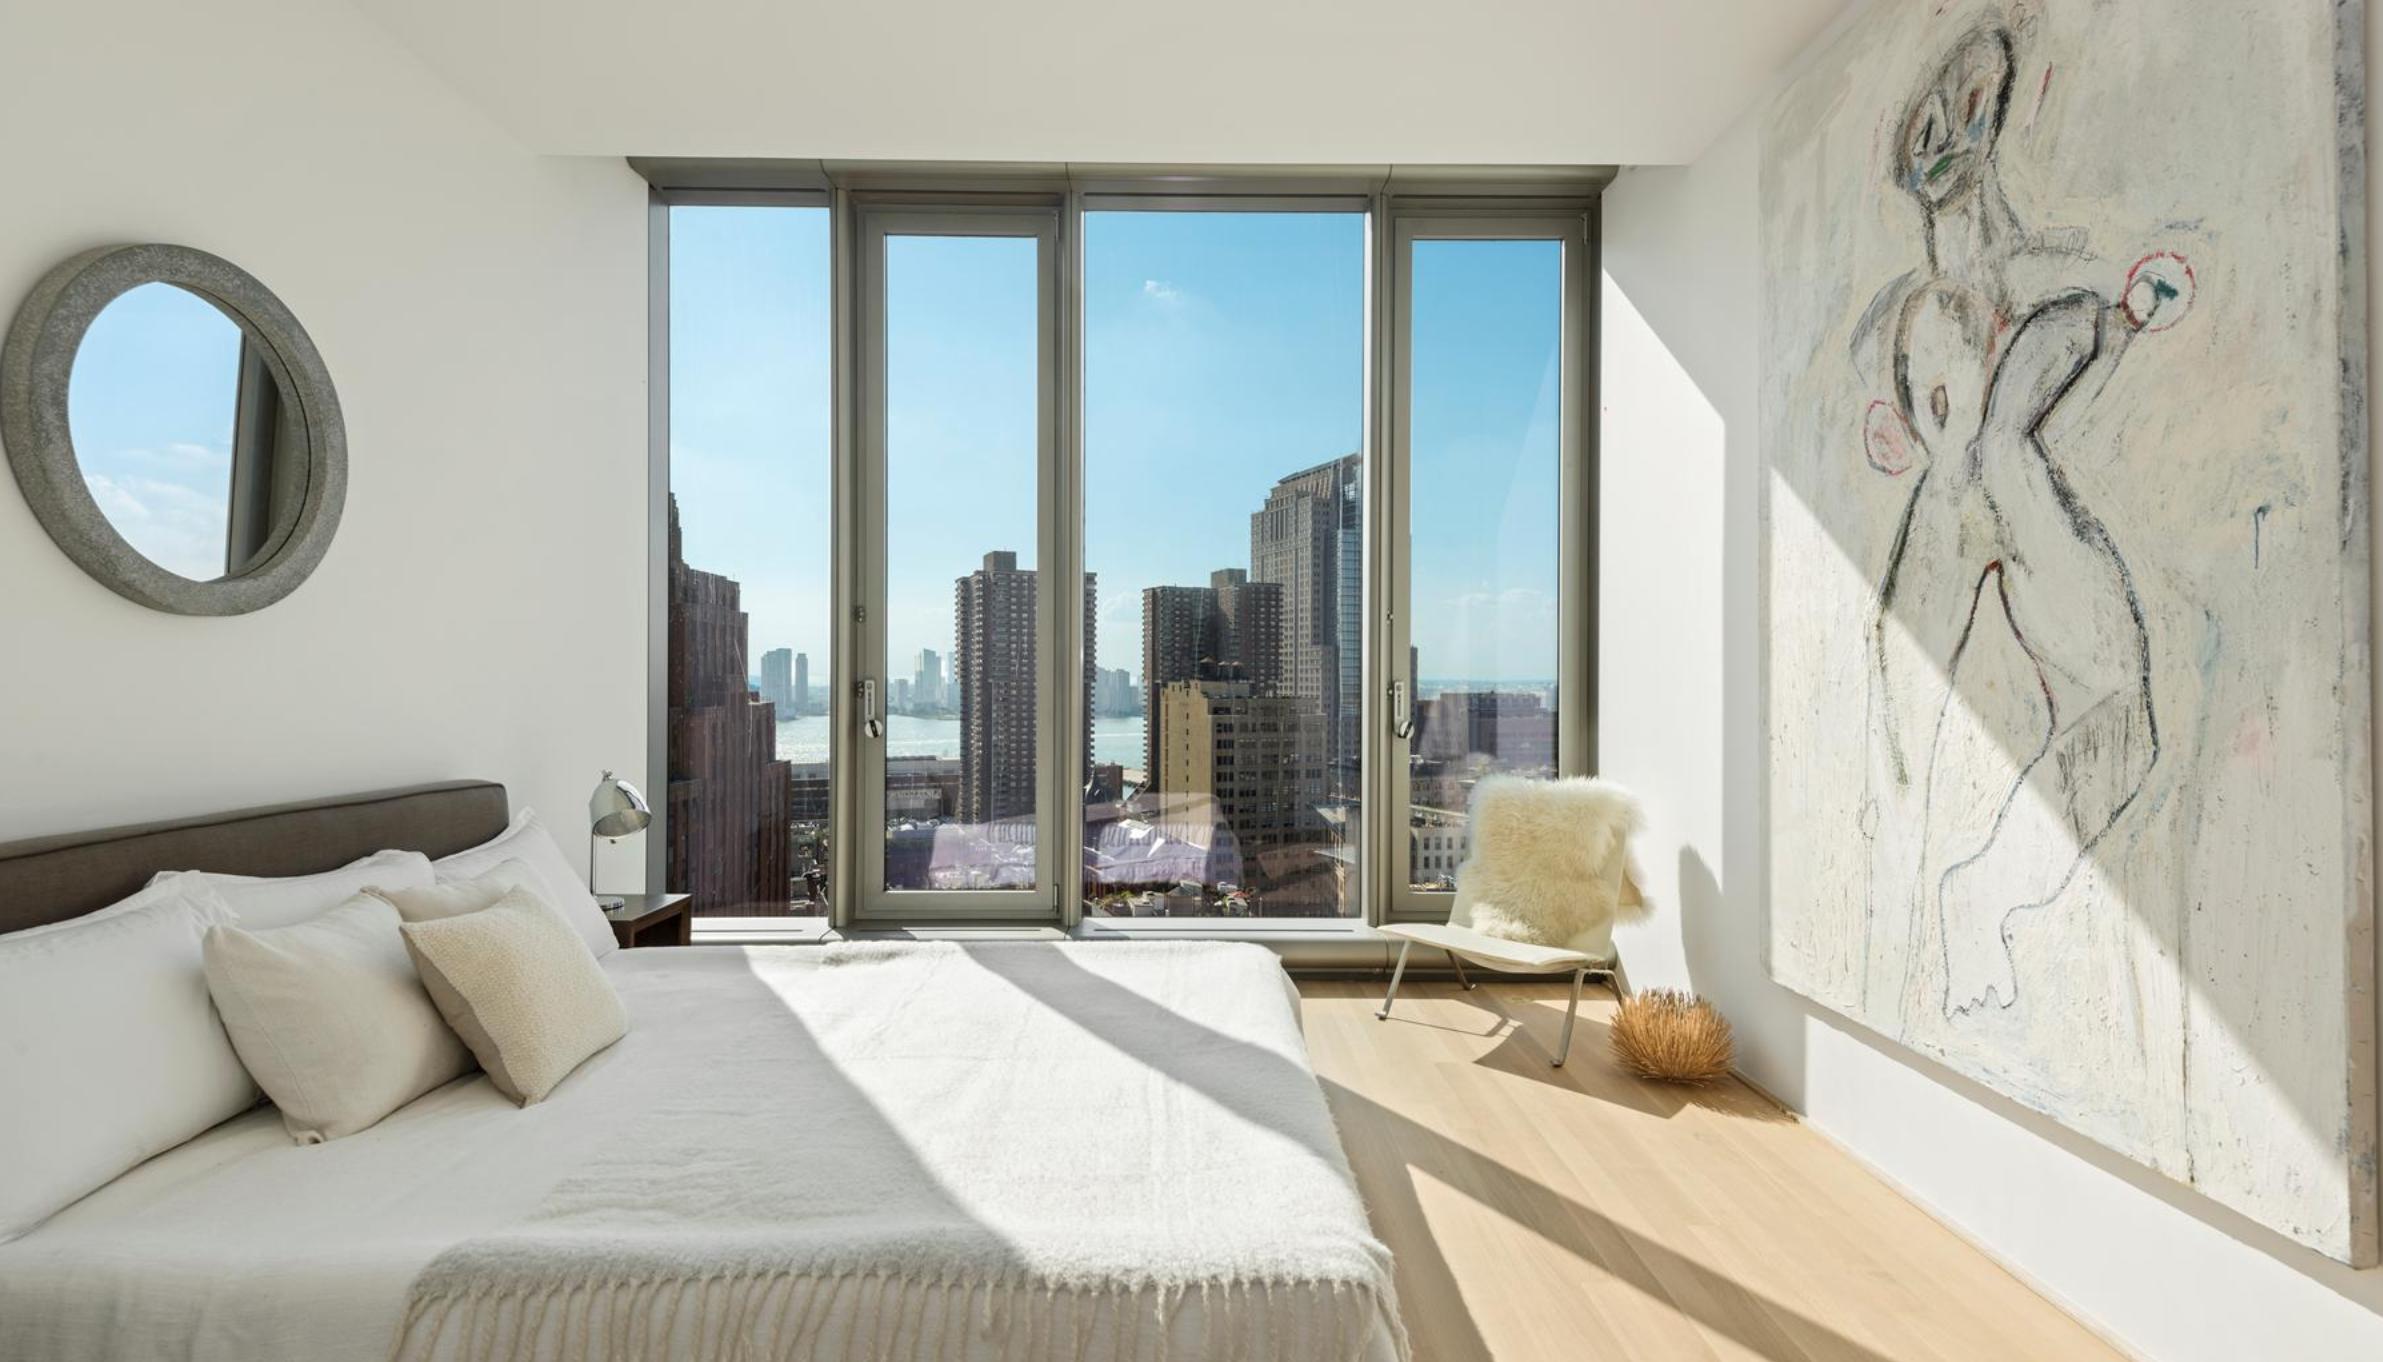 56 Leonard A | New York, NY